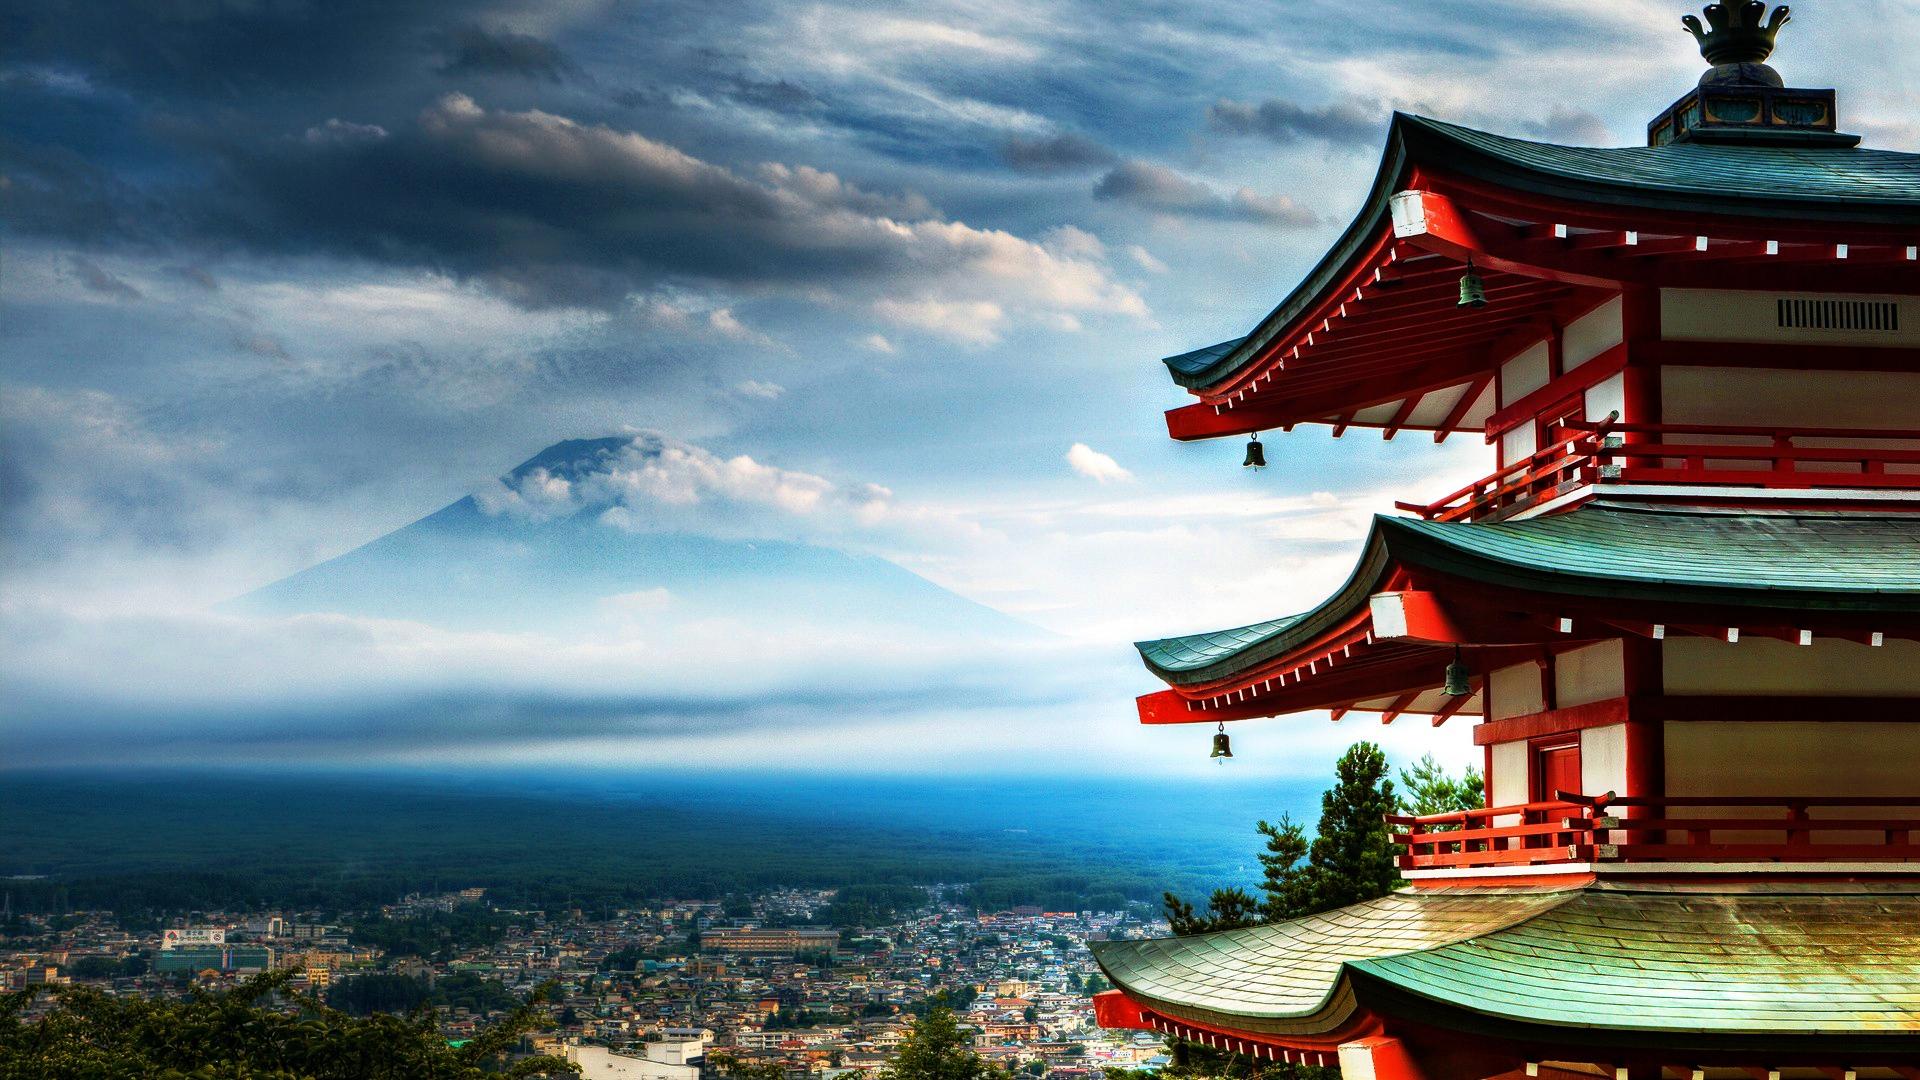 Scarica Tempio giapponese Meraviglioso wallpaper Citt   Mondo sfondi 1920x1080